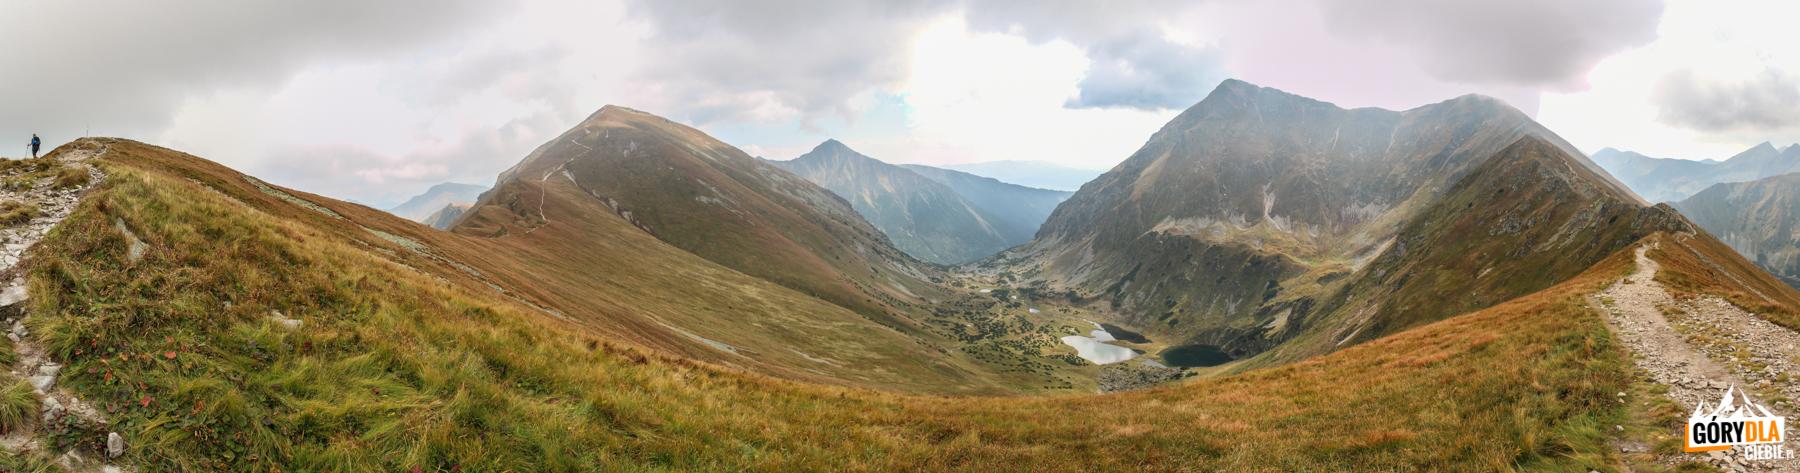 Widok zgrani pomiędzy Kończystym Wierchem (2002 m), aJarząbczym Wierchem (2137 m) naotoczenie Zadniej Raczkowej Doliny